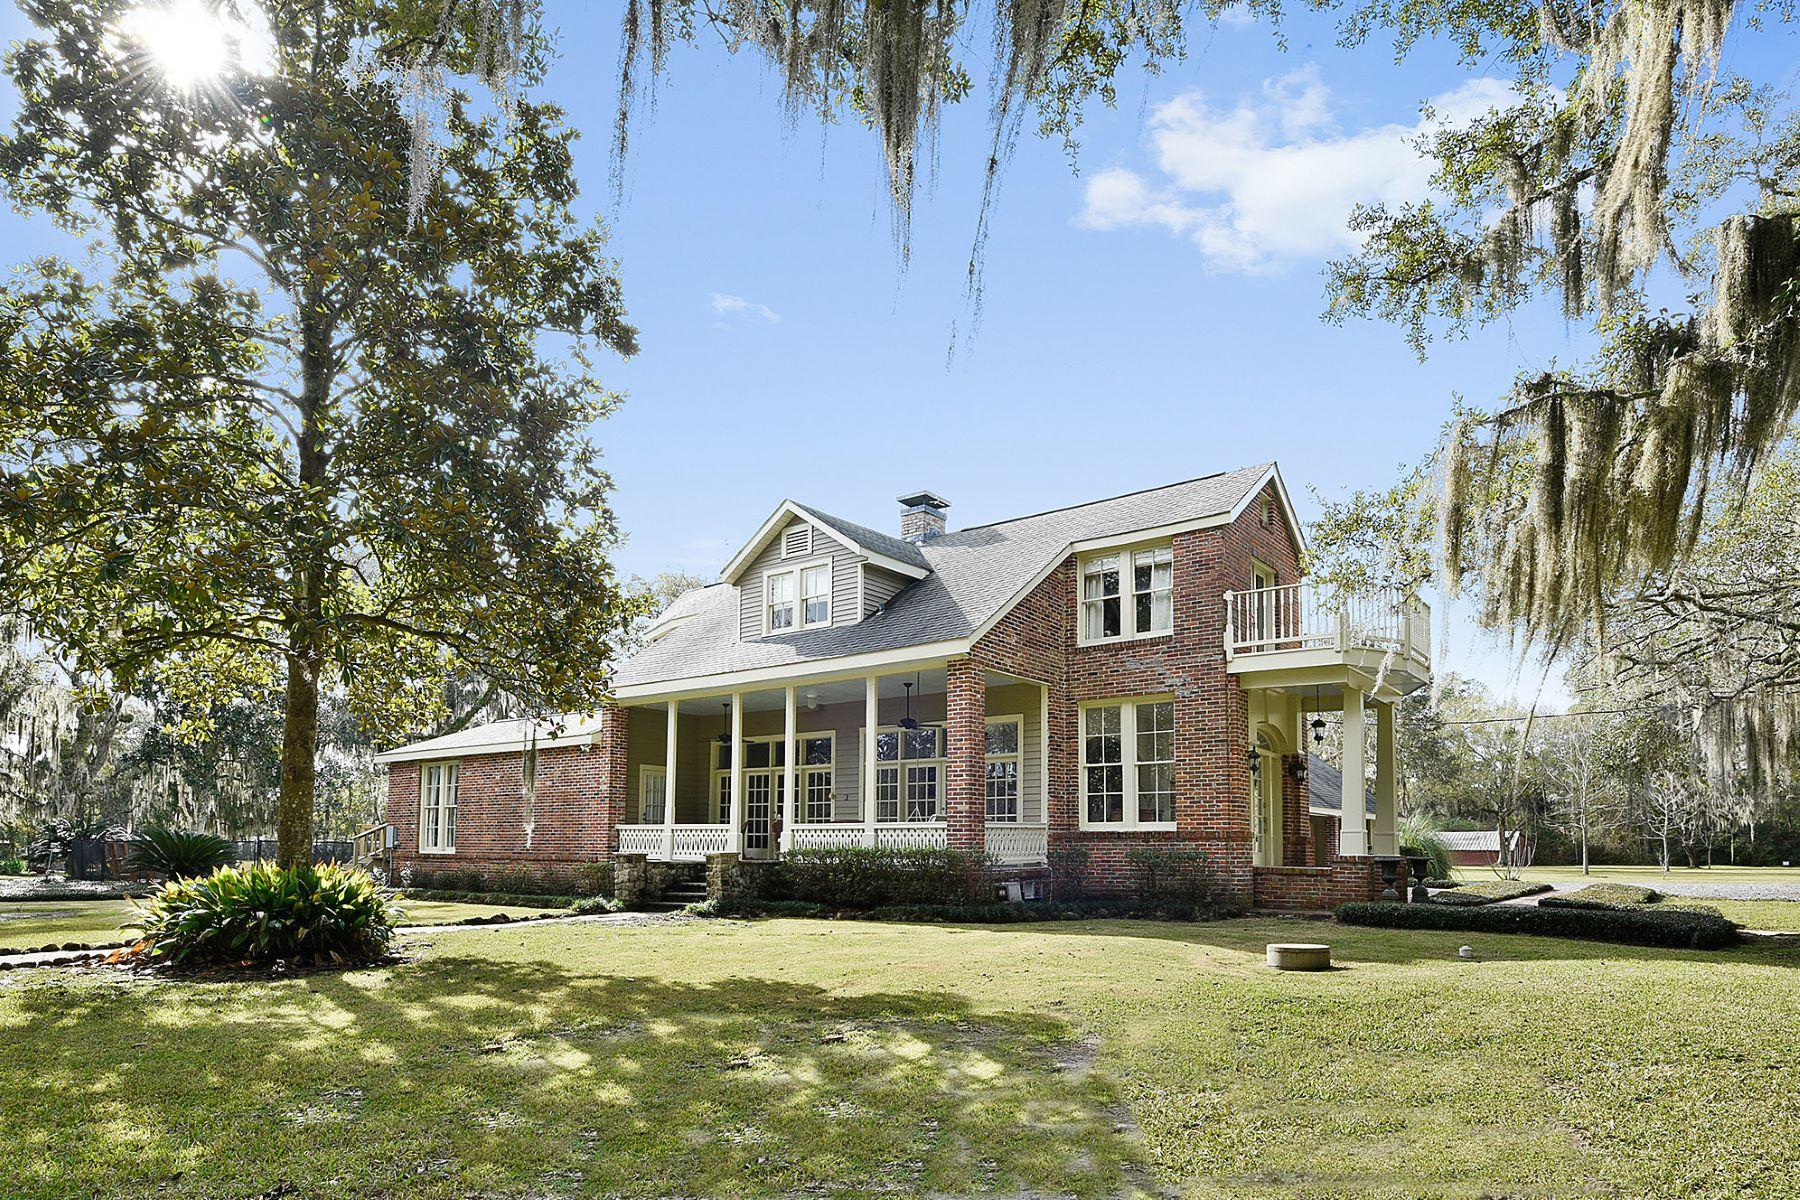 Casa para uma família para Venda às 34600 Treasure Cove Lane 34600 Treasure Cove Ln Slidell, Louisiana, 70460 Estados Unidos